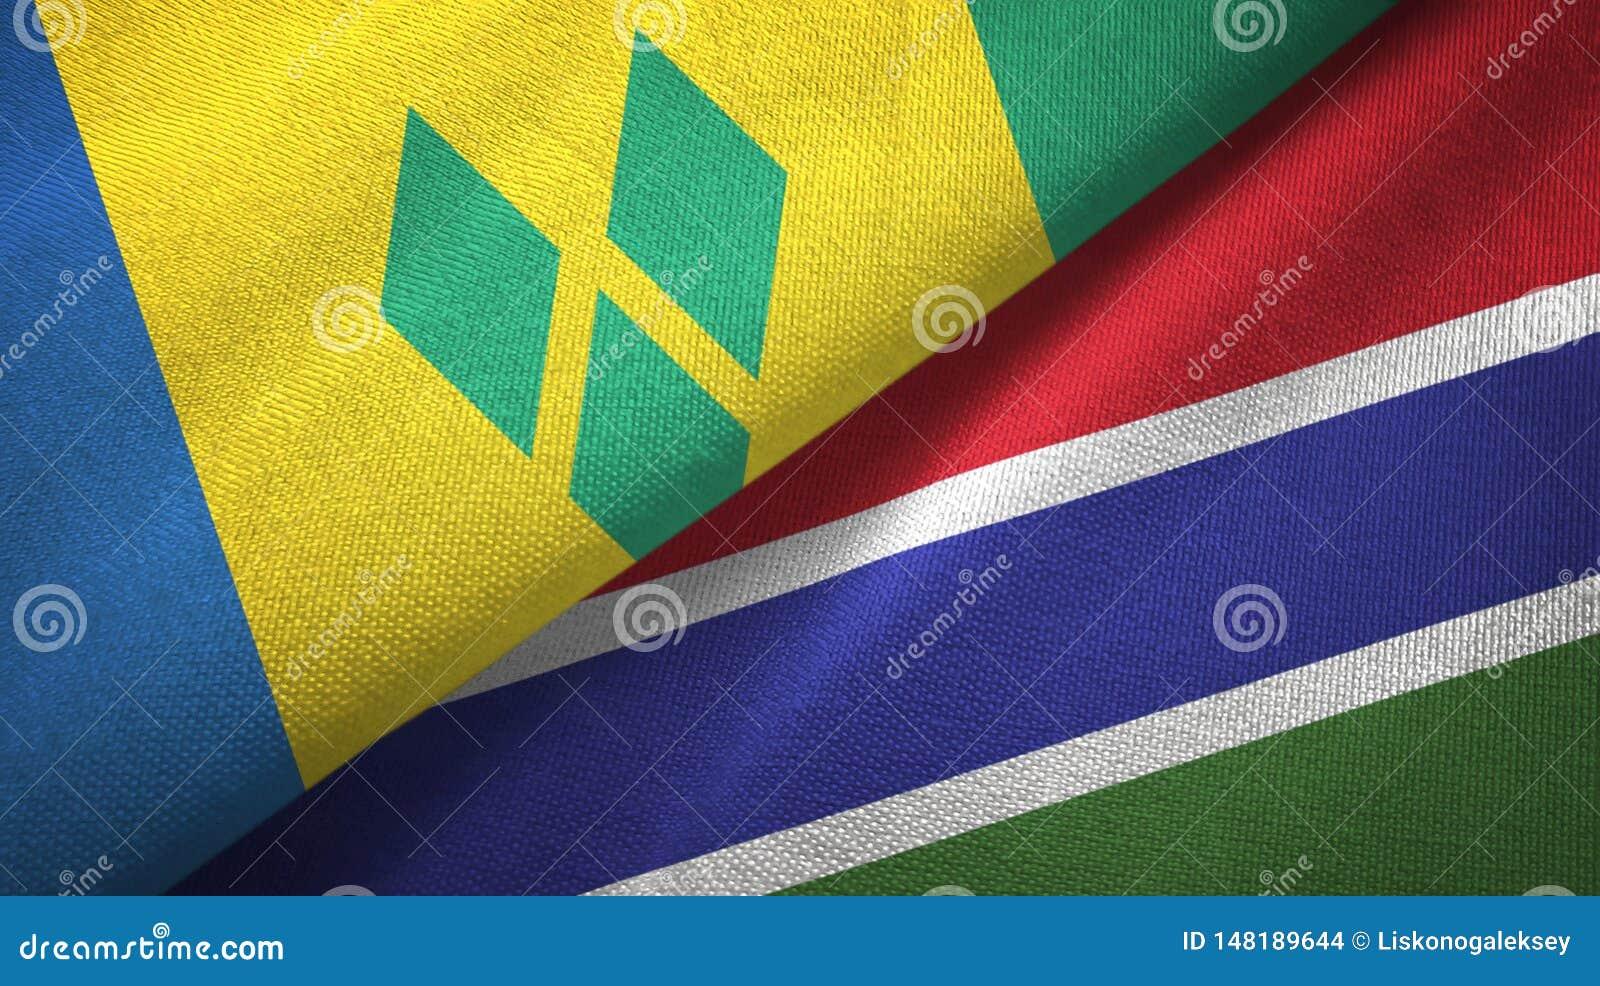 Сент-Винсент и Гренадины и Гамбия 2 флага